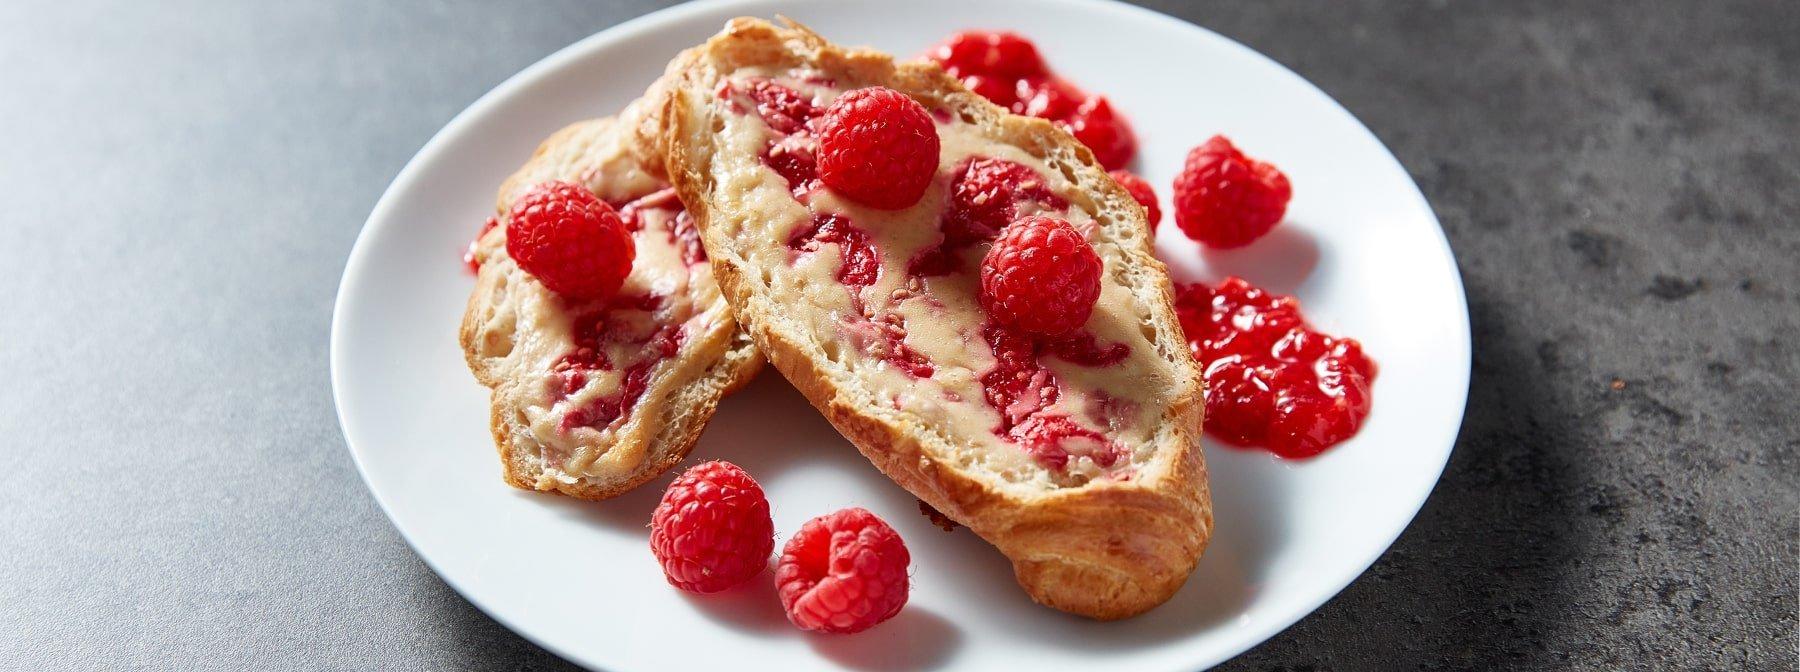 Круассаны с малиной| Протеиновый завтрак